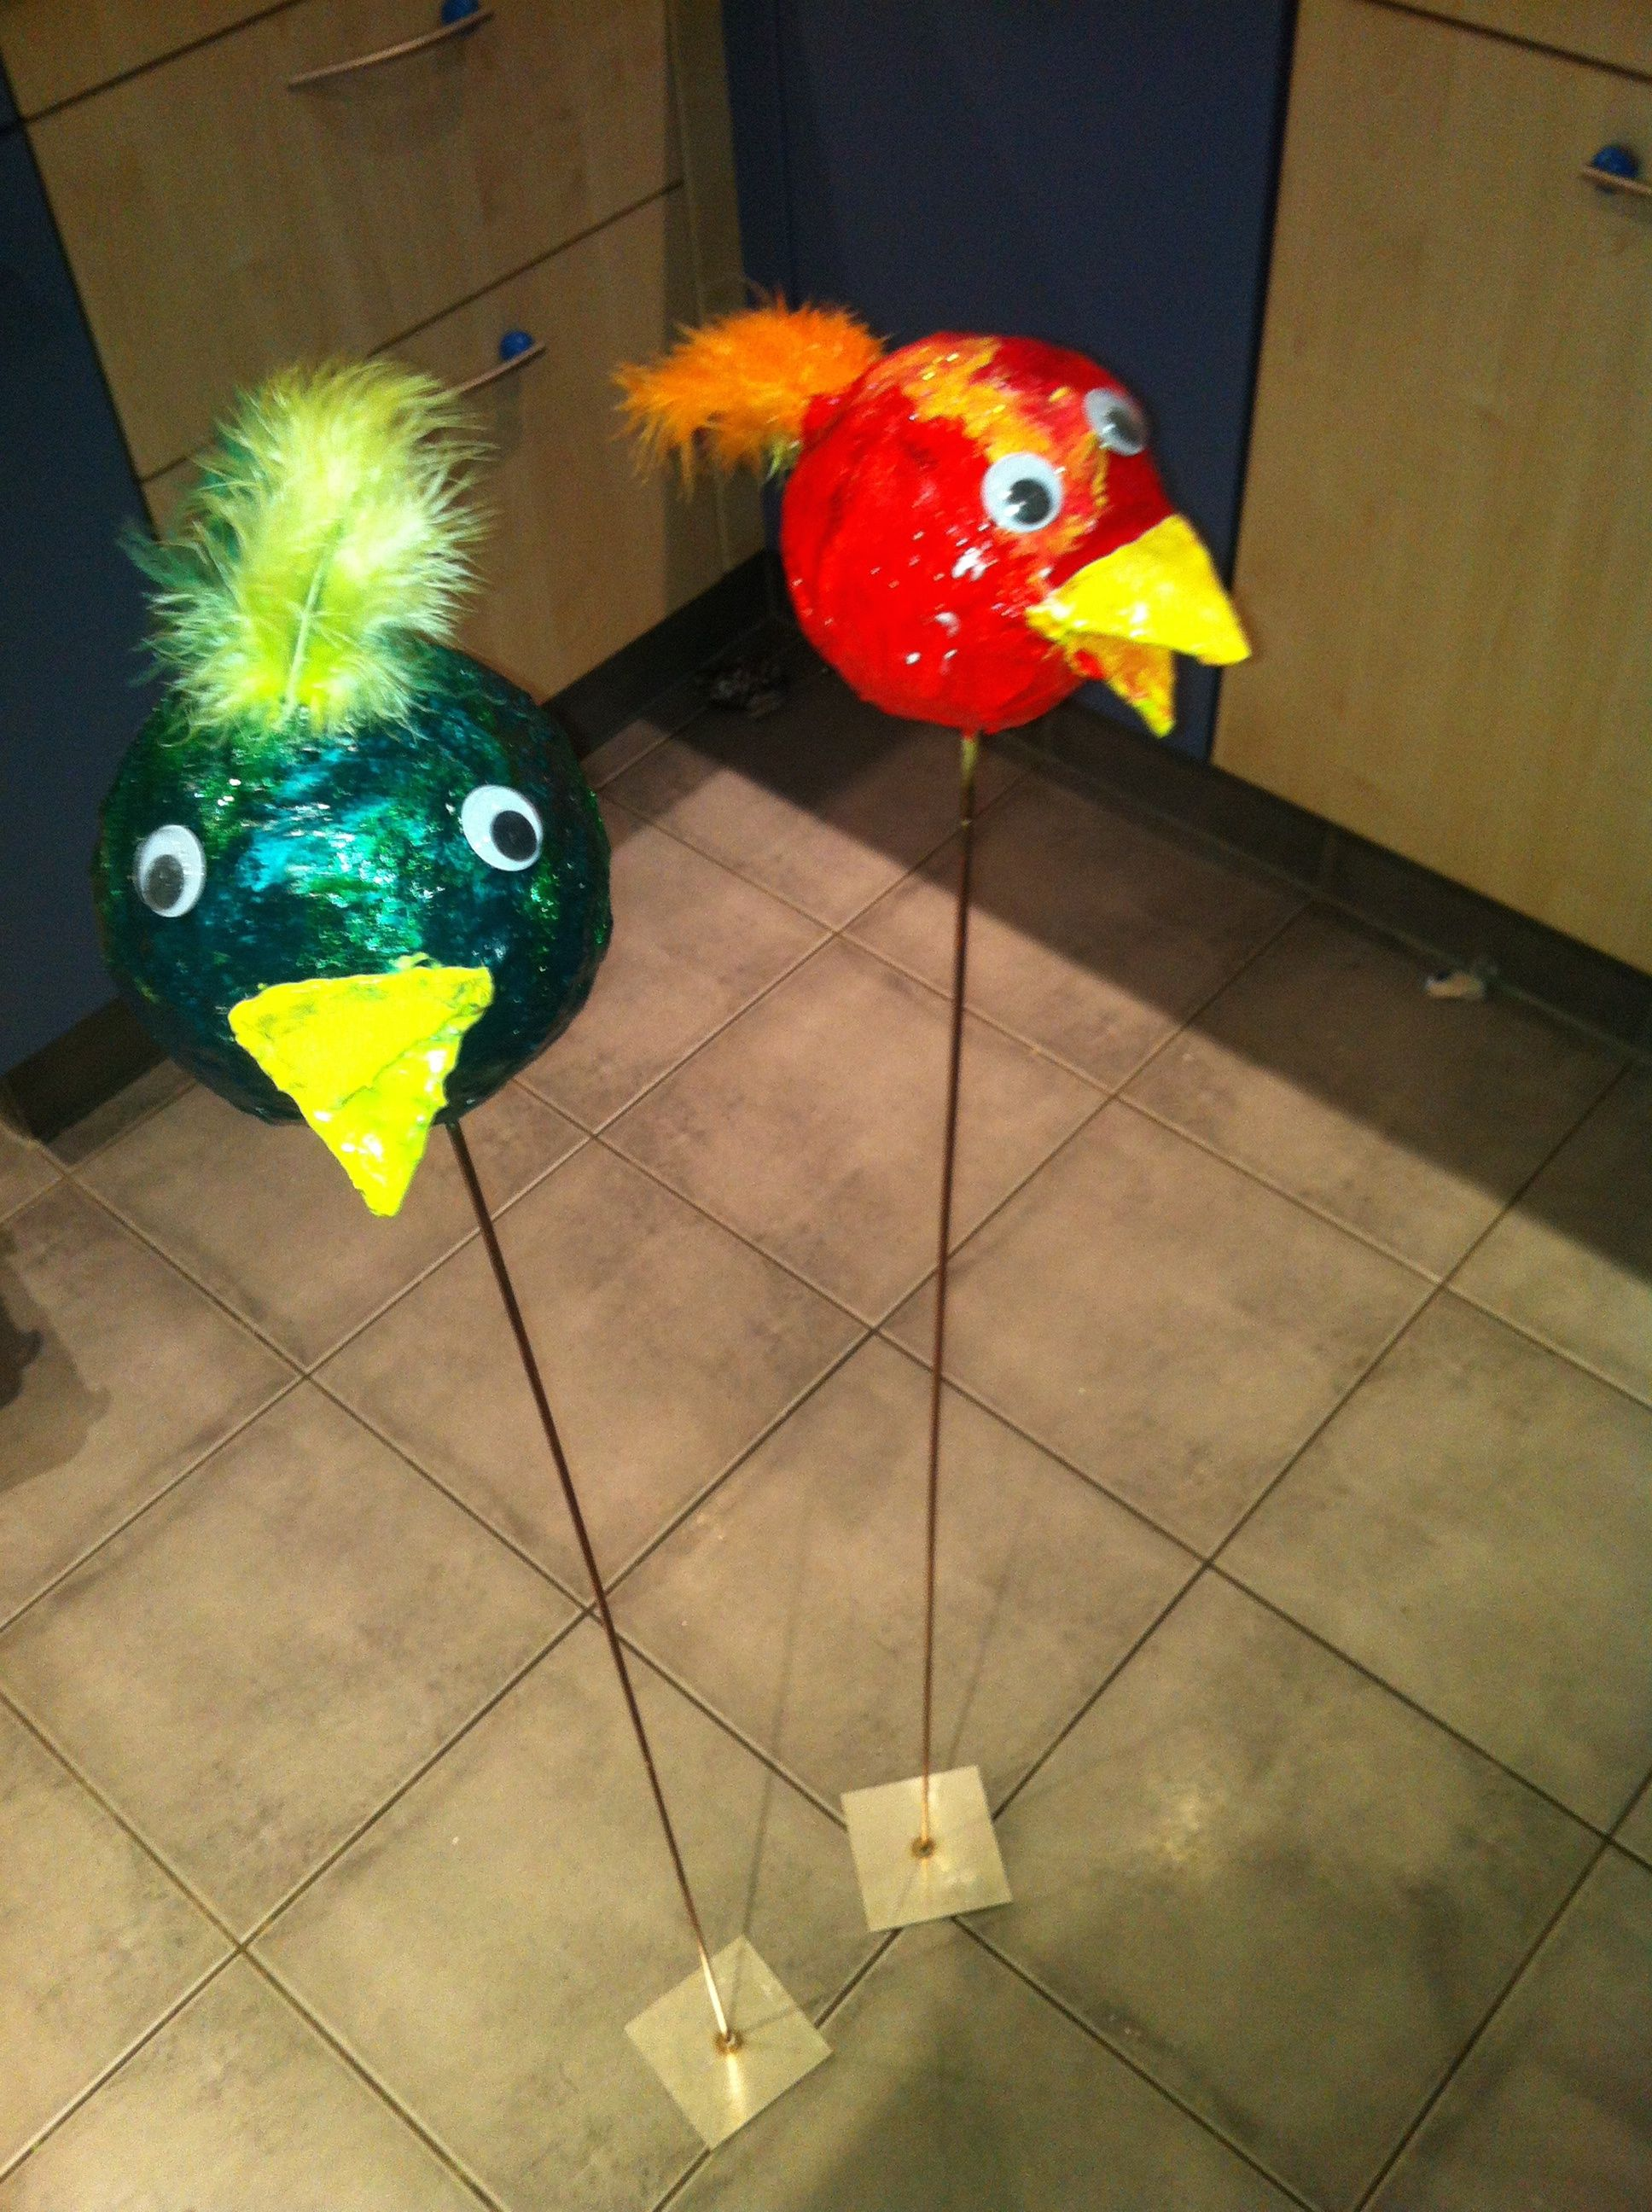 Vögel Aus Styroporkugeln Mit Gipsbinden Umwickelt